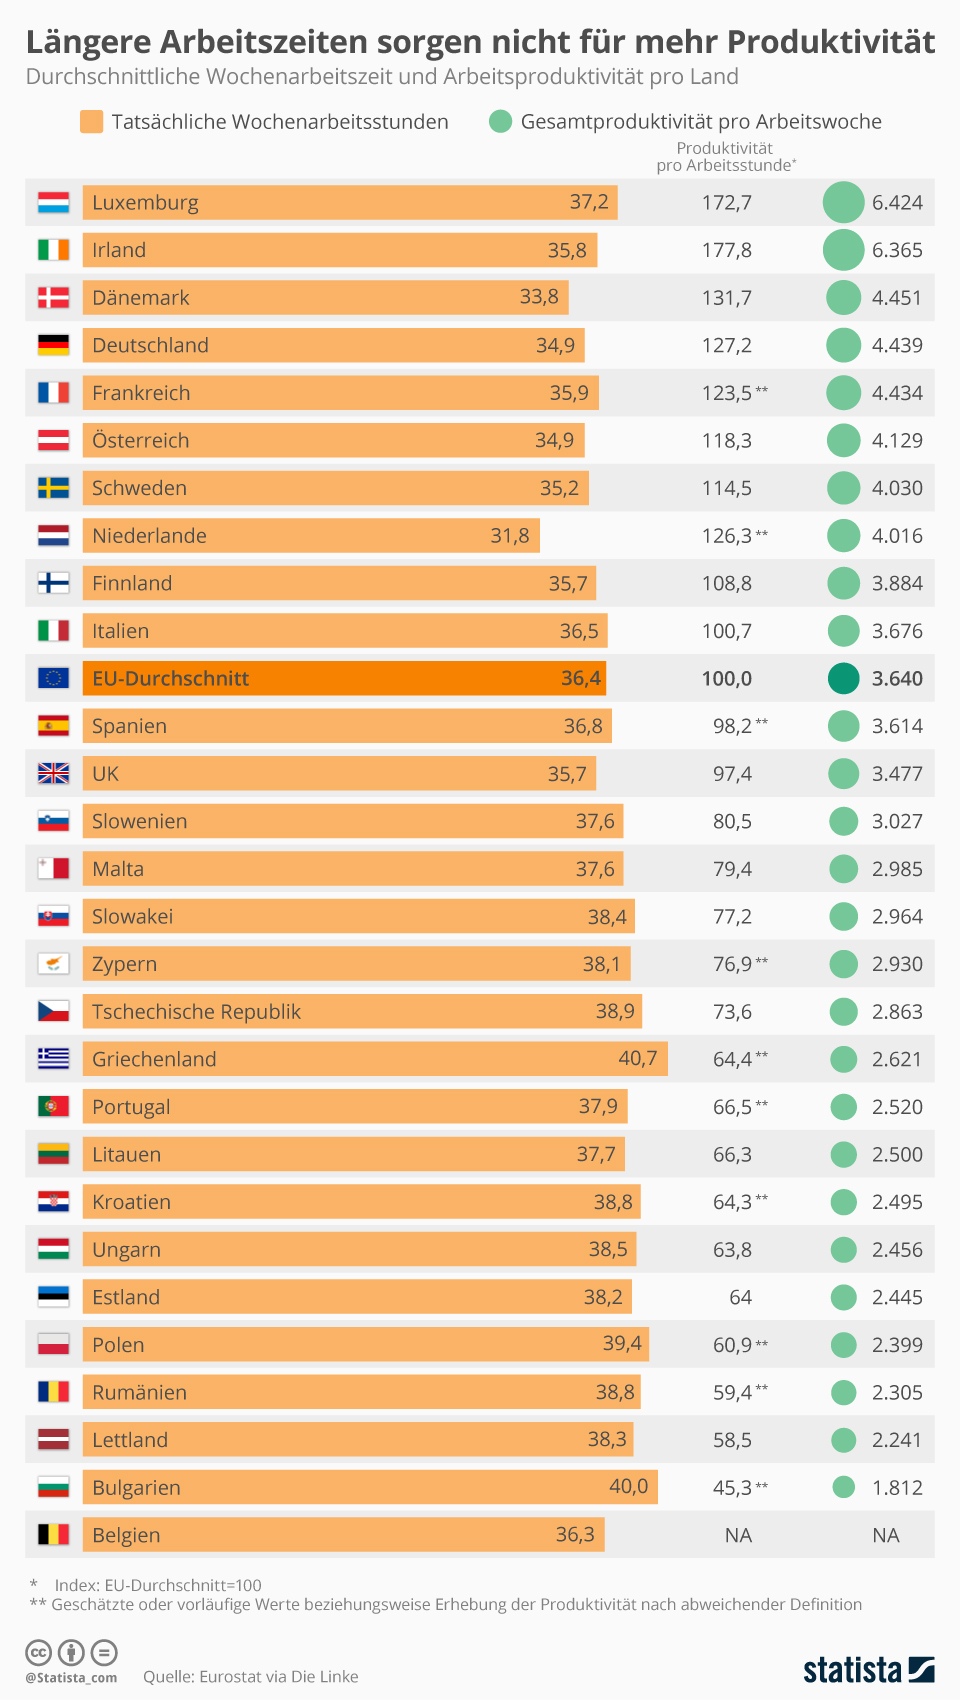 Infografik: Längere Arbeitszeiten sorgen nicht für höhere Produktivität | Statista